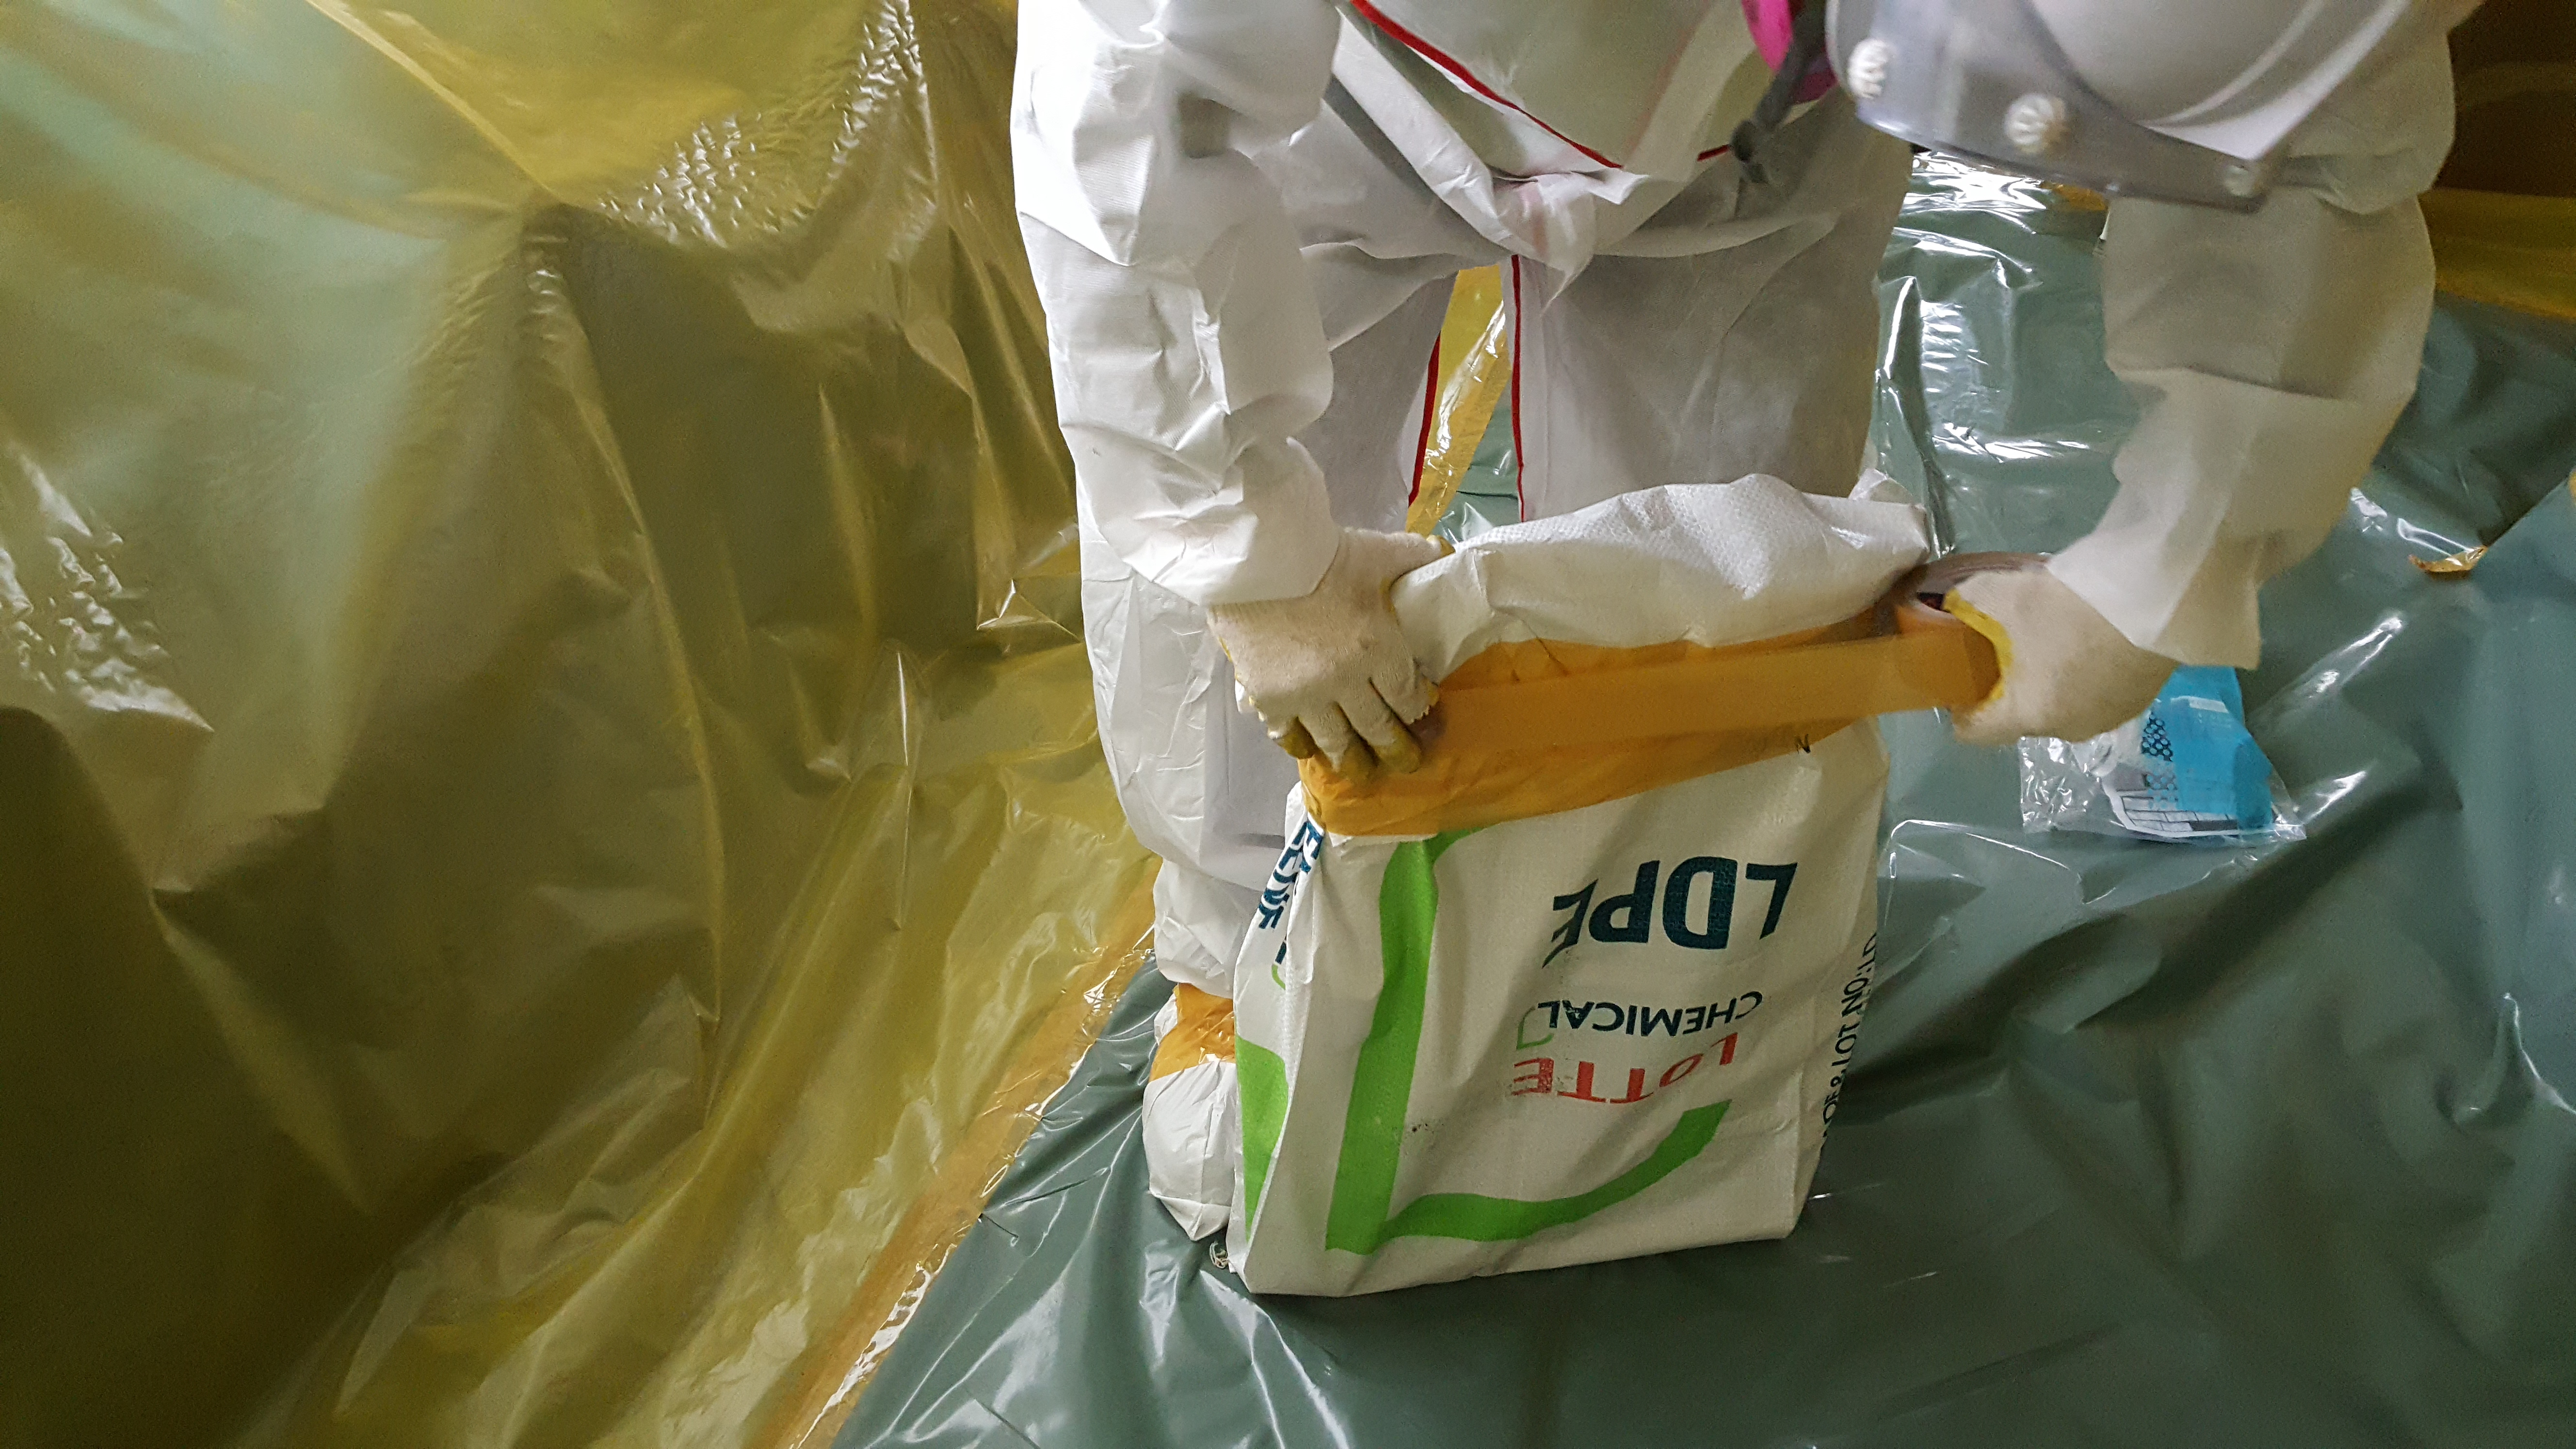 15 번째 사진  에  연면적94.68 ㎡ 부산시 영도구 해양로 공장사무실 2차 천장텍스 석면해체 제거